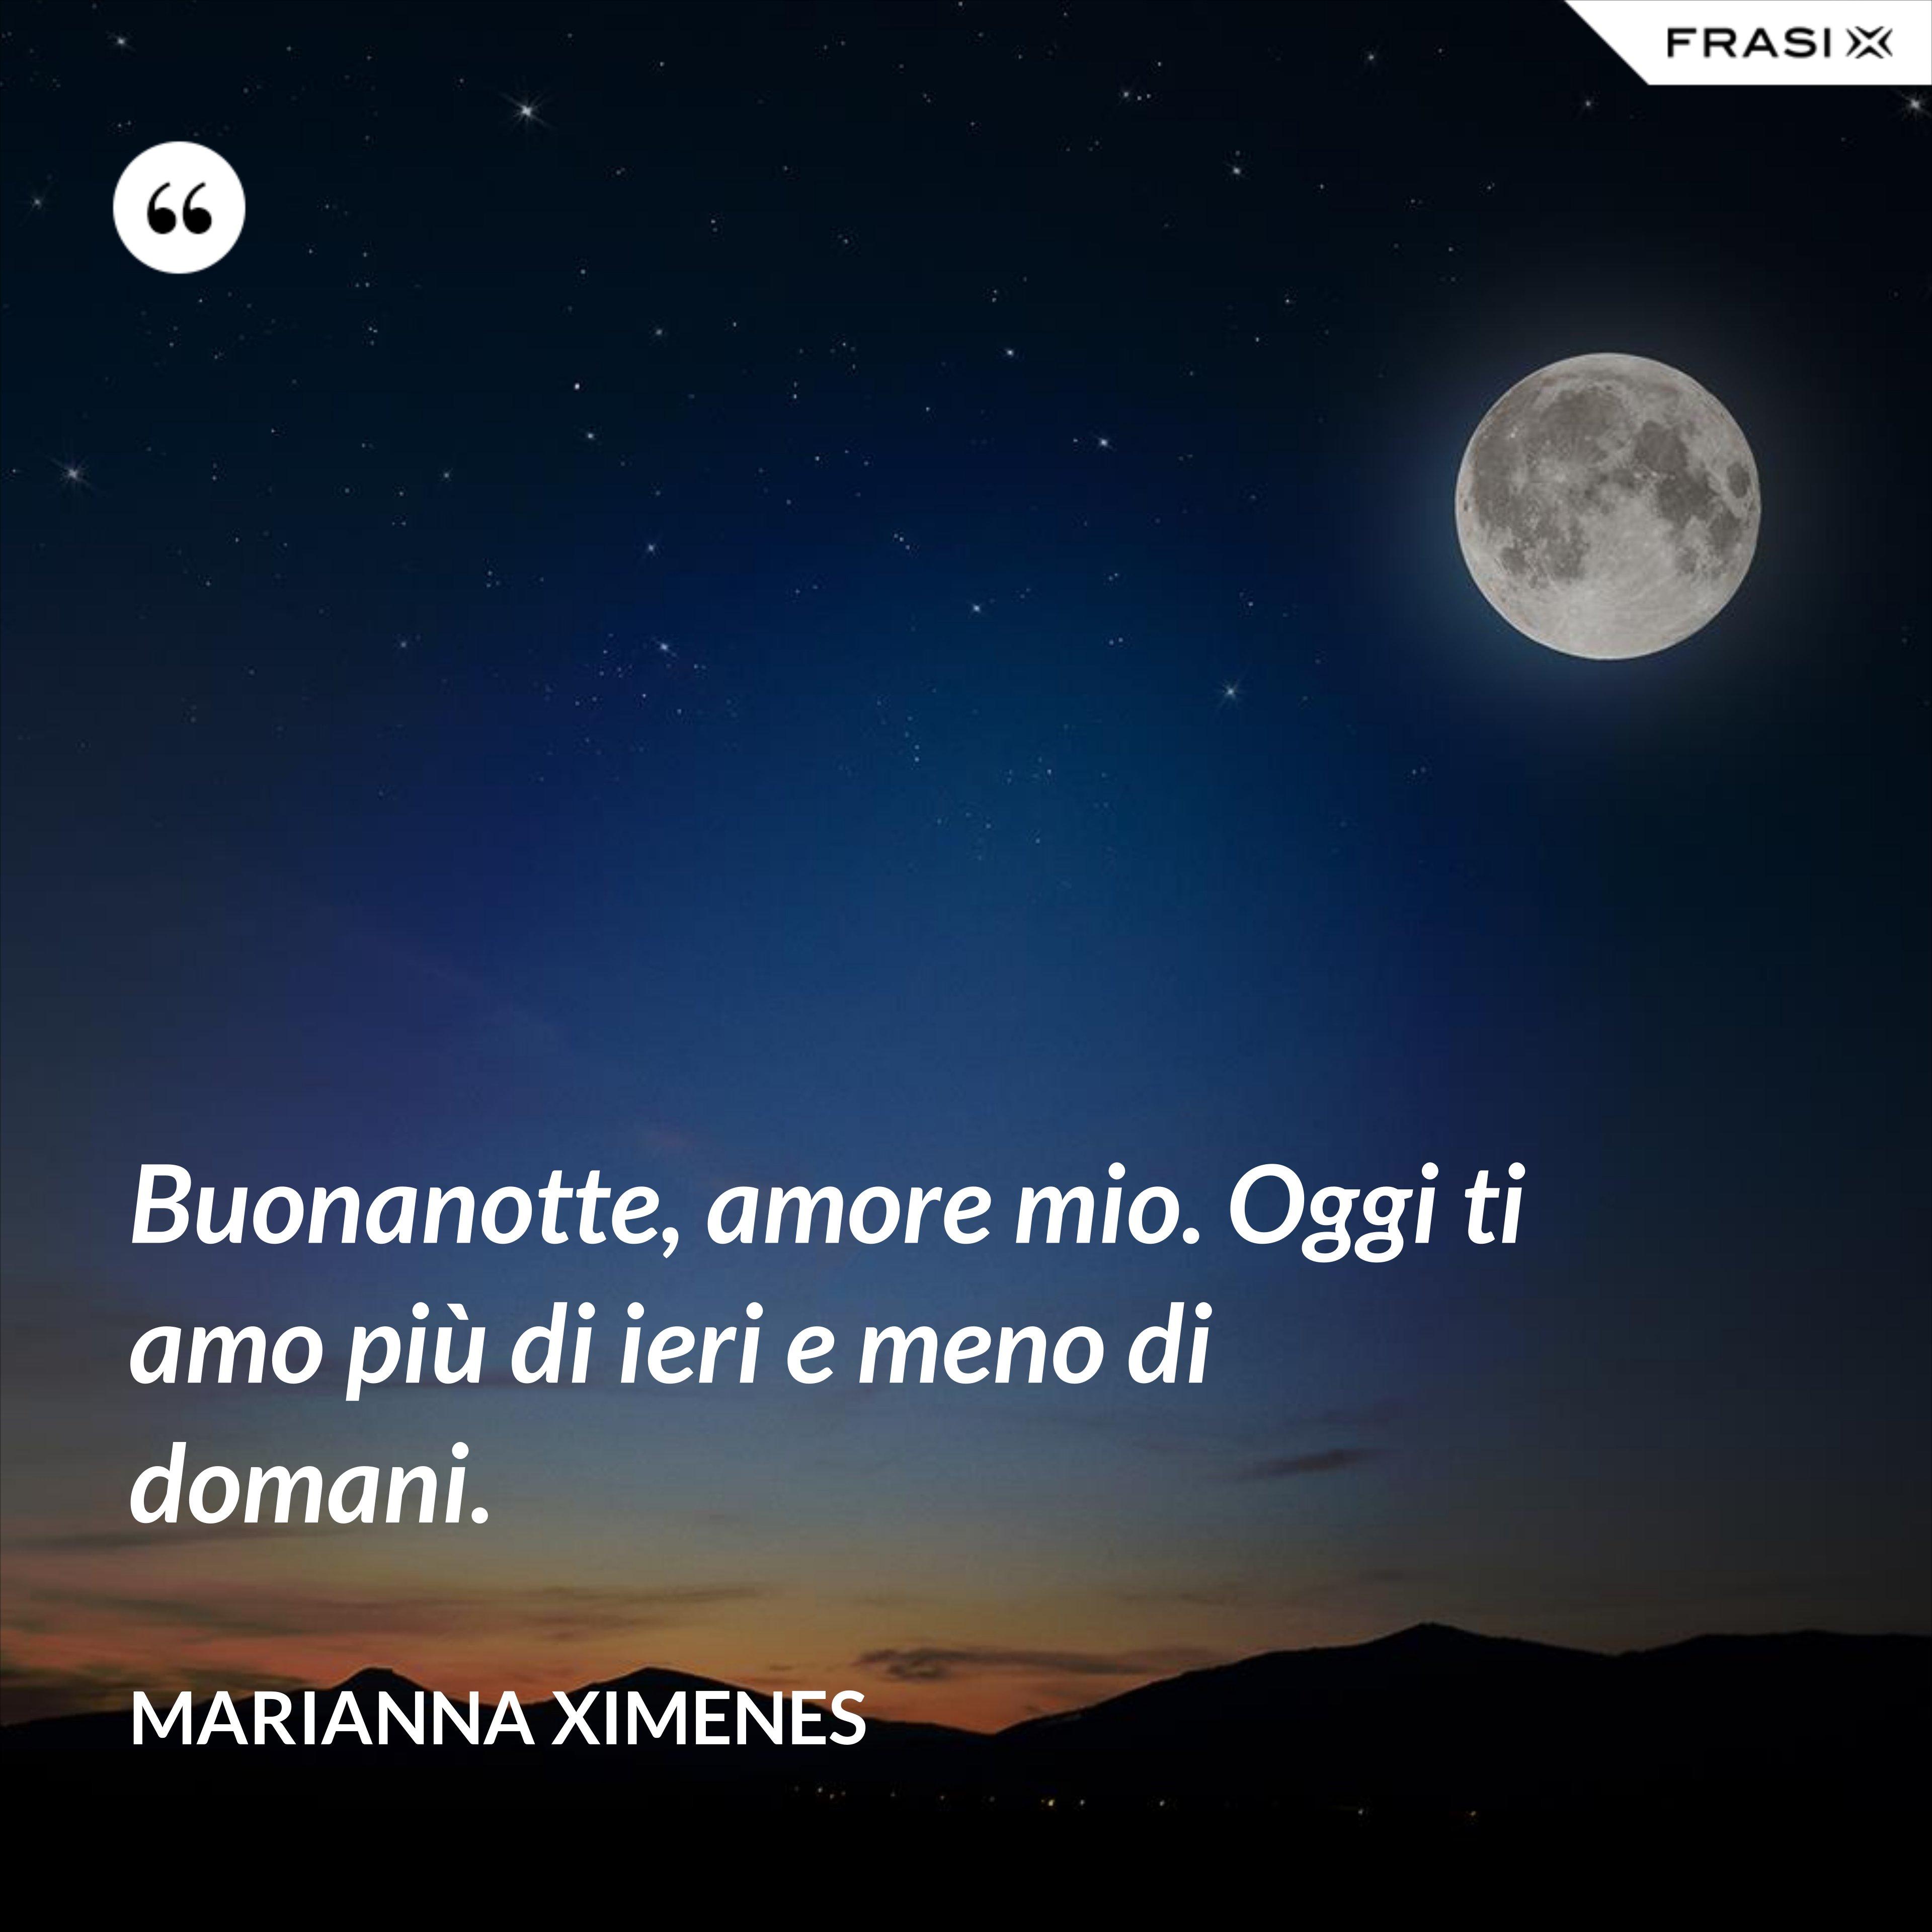 Buonanotte, amore mio. Oggi ti amo più di ieri e meno di domani. - Marianna Ximenes